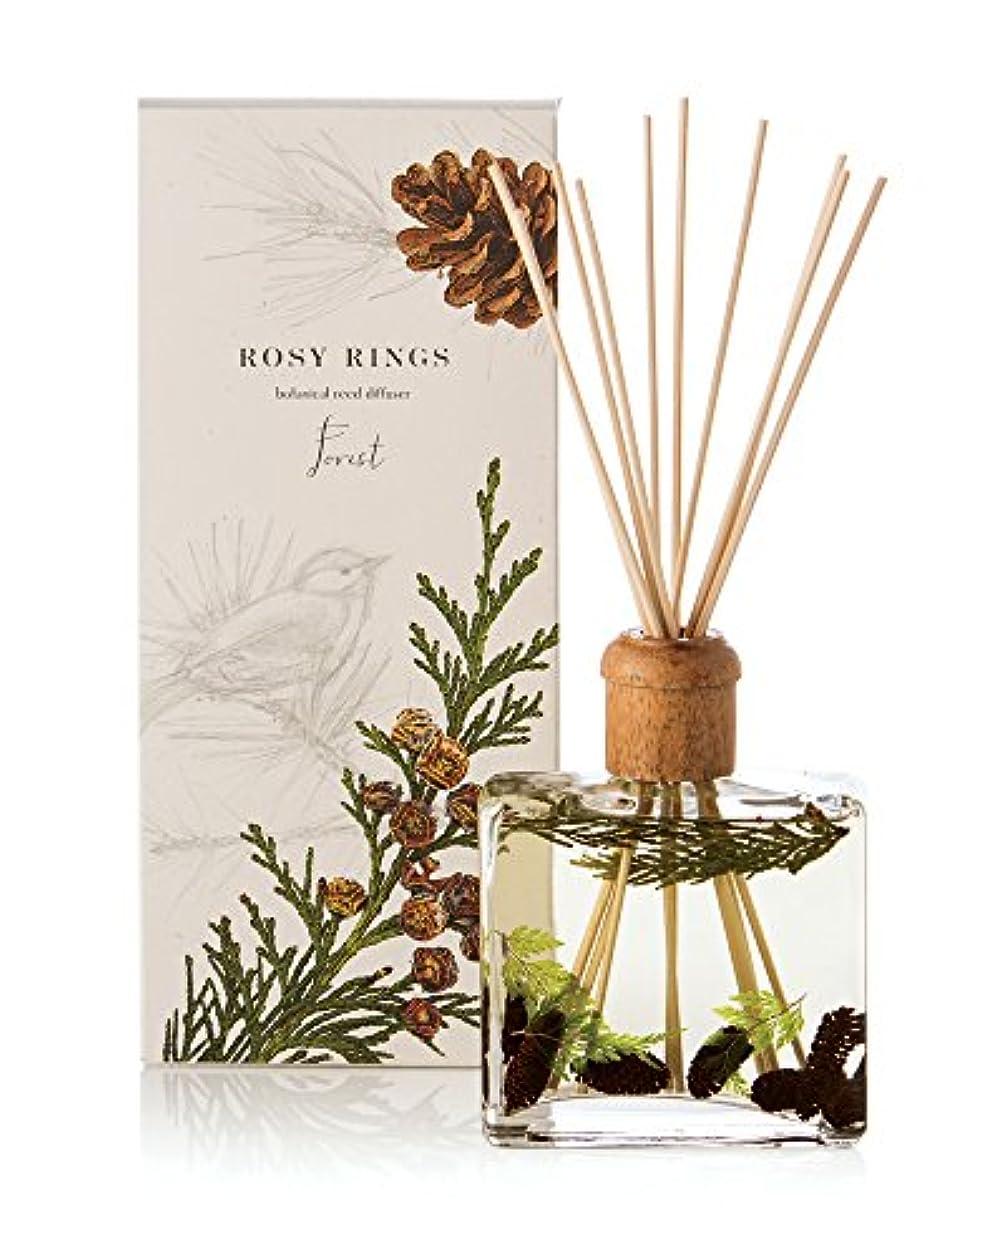 極地さておき通訳ロージーリングス ボタニカルリードディフューザー フォレスト ROSY RINGS Signature Collection Botanical Reed Diffuser – Forest